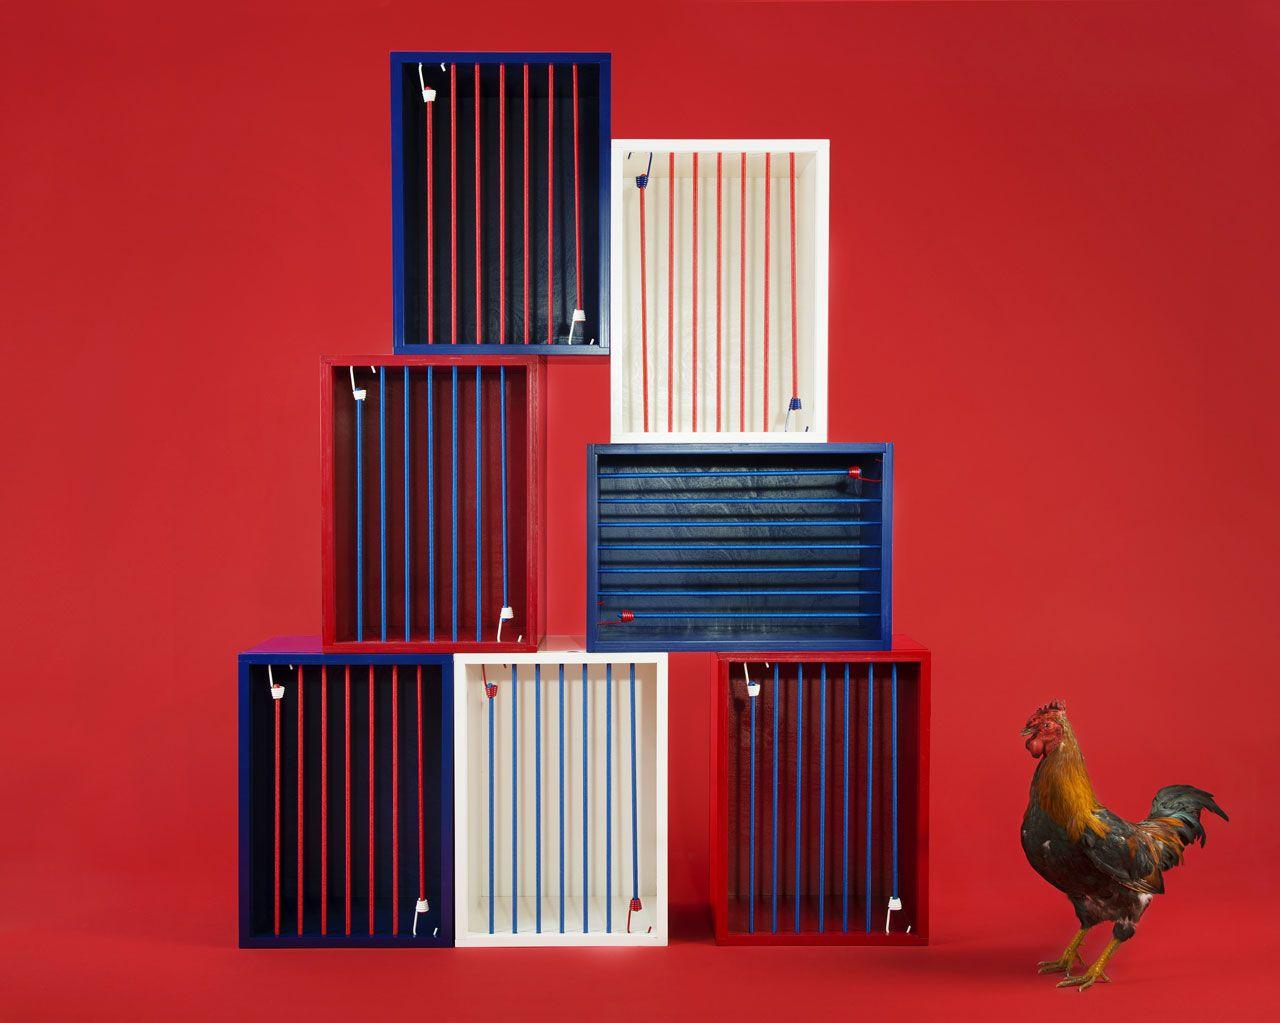 5.5 designstudio, Coq Cage. Photo 5.5 designstudio / C. Clier